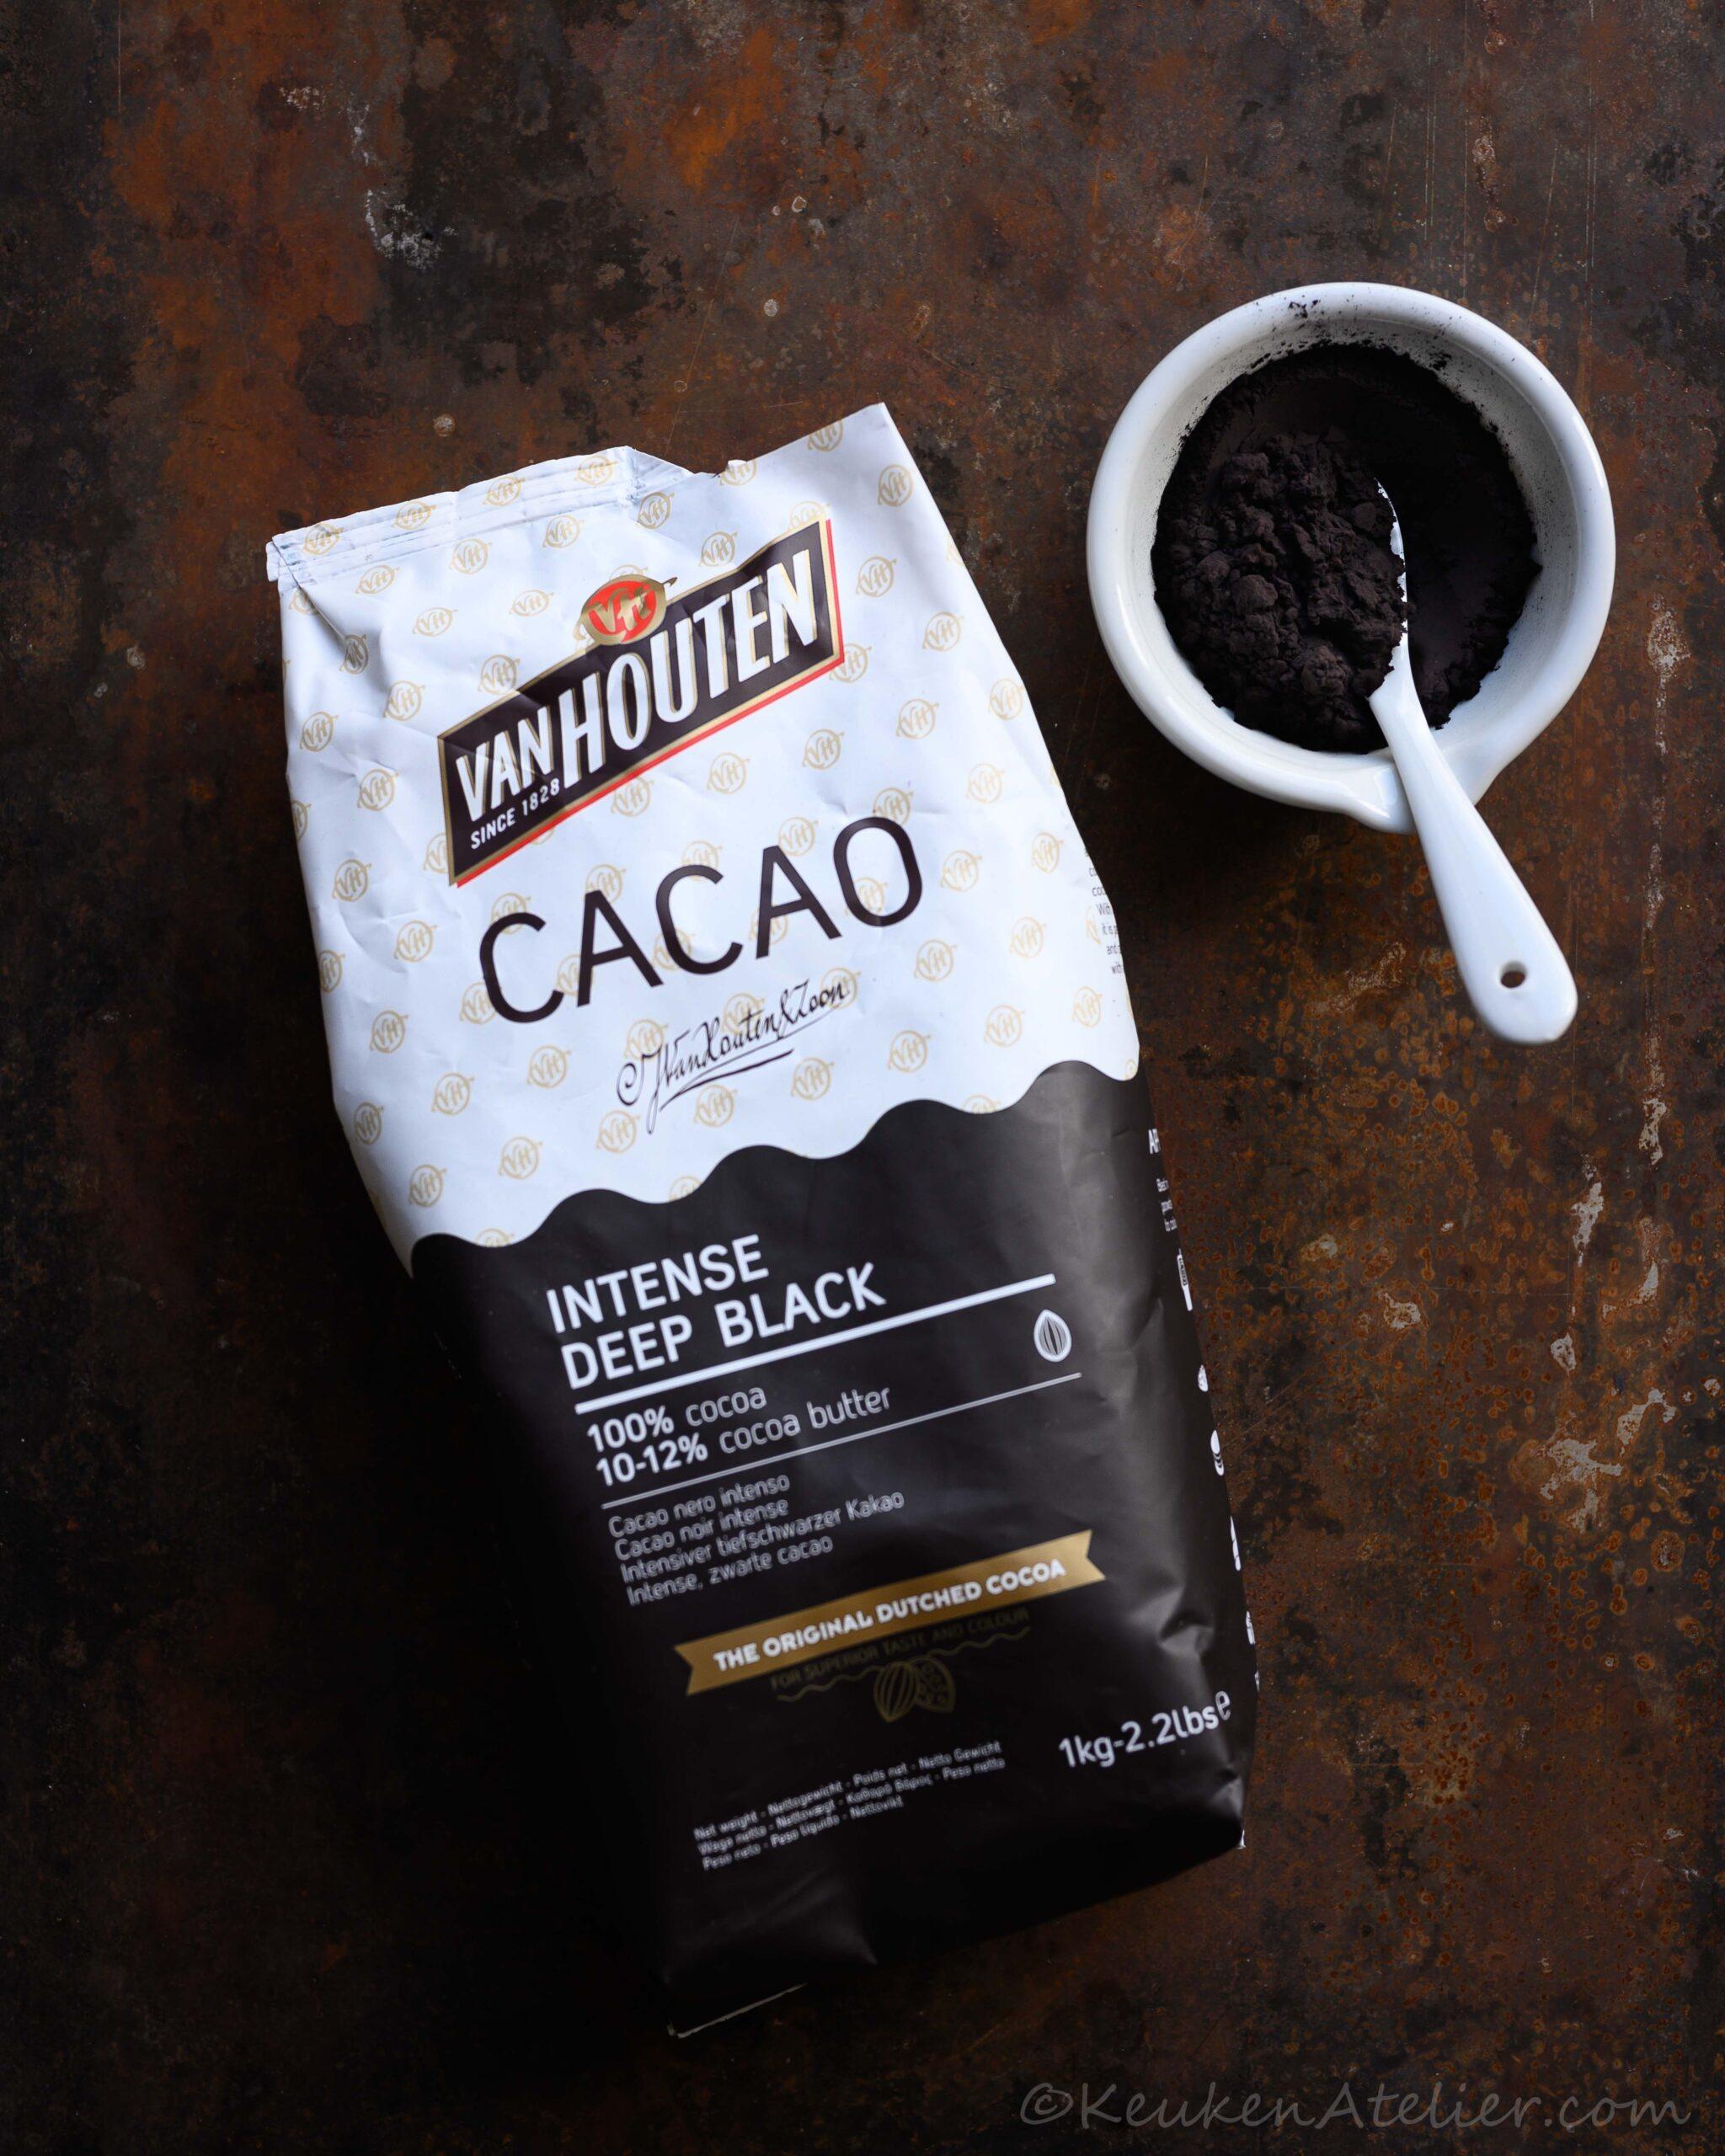 Dutched cacao van Houten